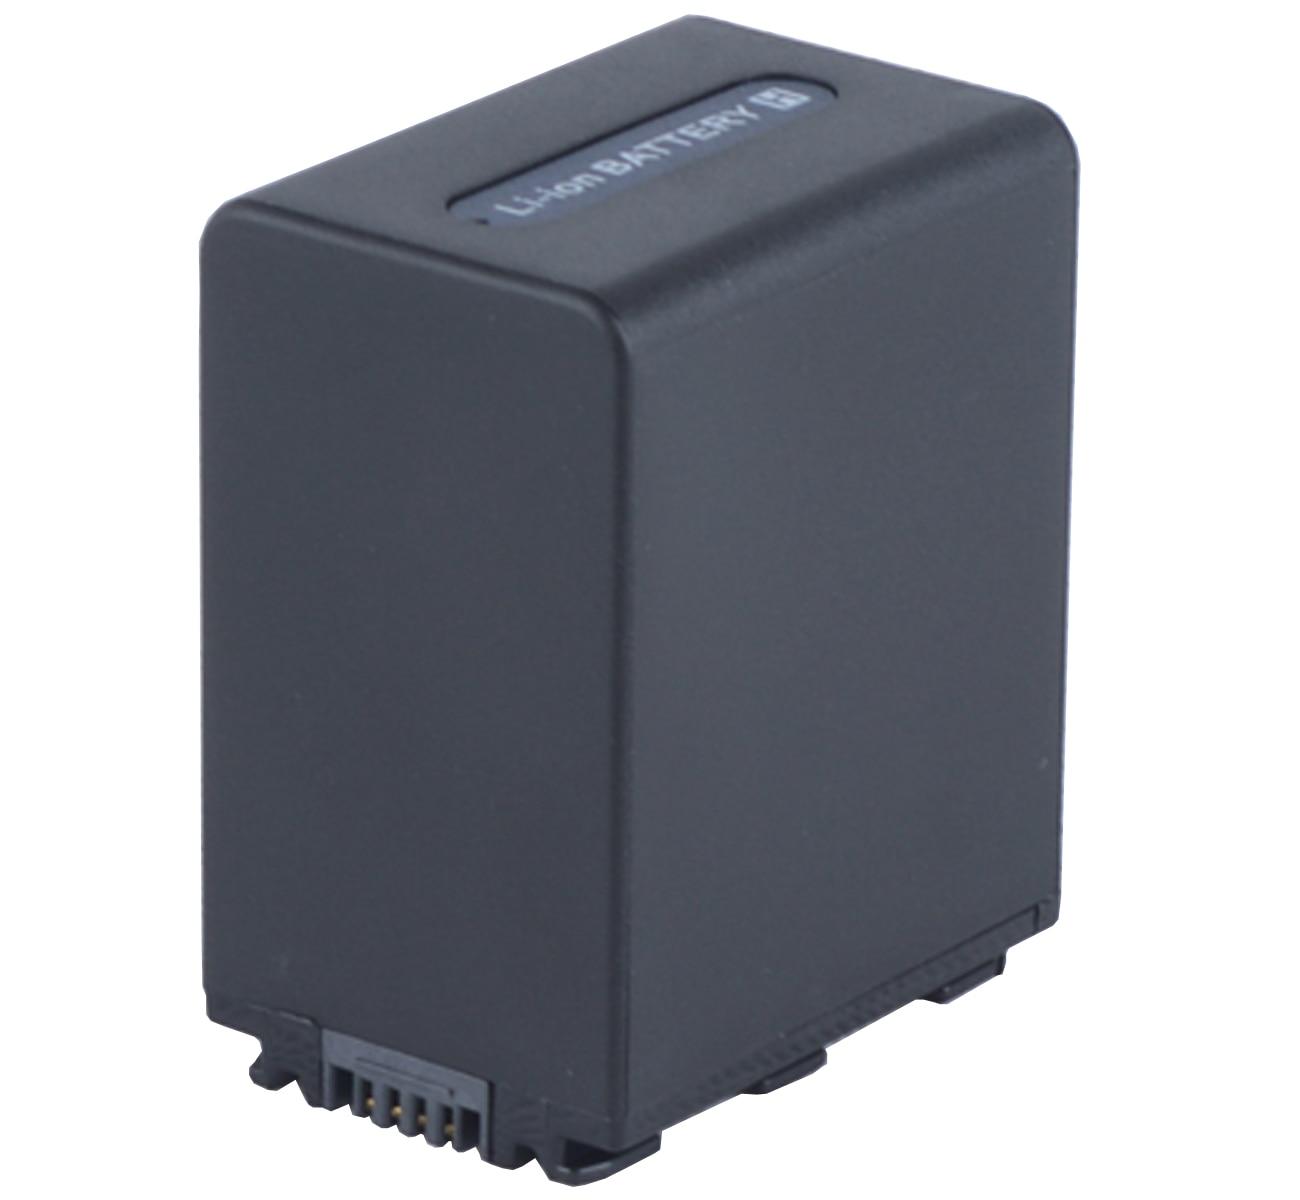 Paquete de batería para Sony HDR-SR5E... HDR-SR7E... HDR-SR8E... HDR-SR10E... HDR-SR11E... HDR-SR12E Cámaras...